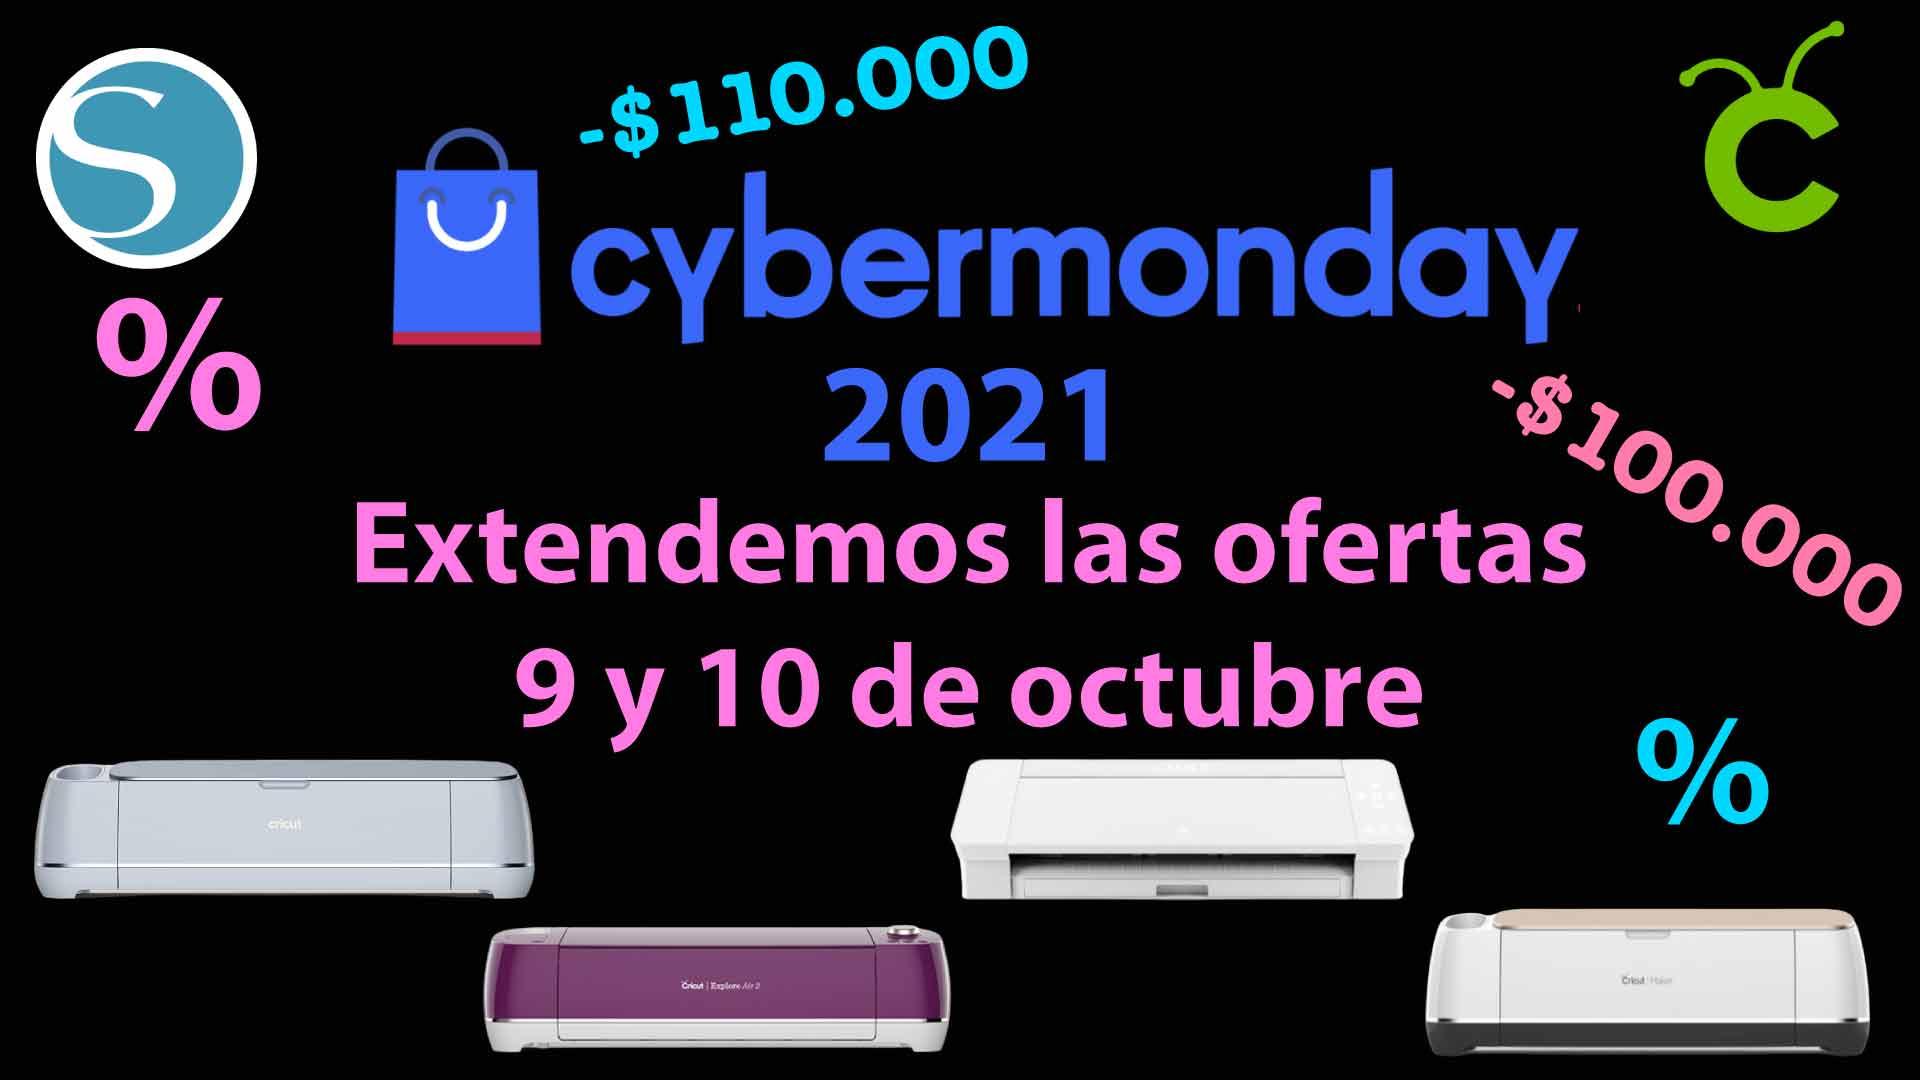 Cybermonday tienda stampaideas ultimos dias